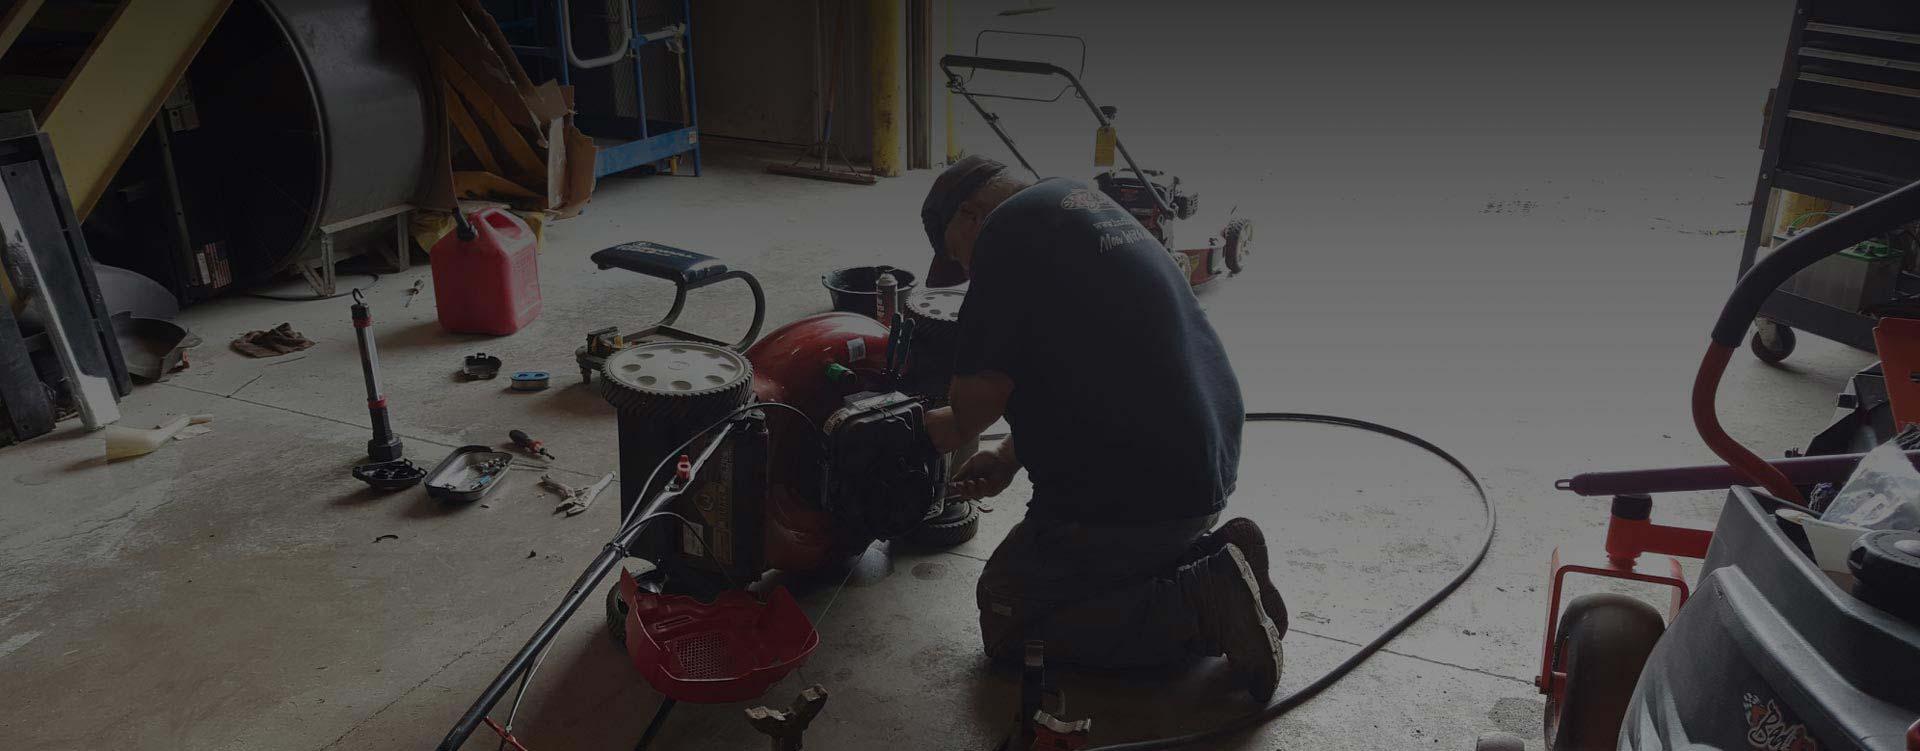 man repairing a lawn mower